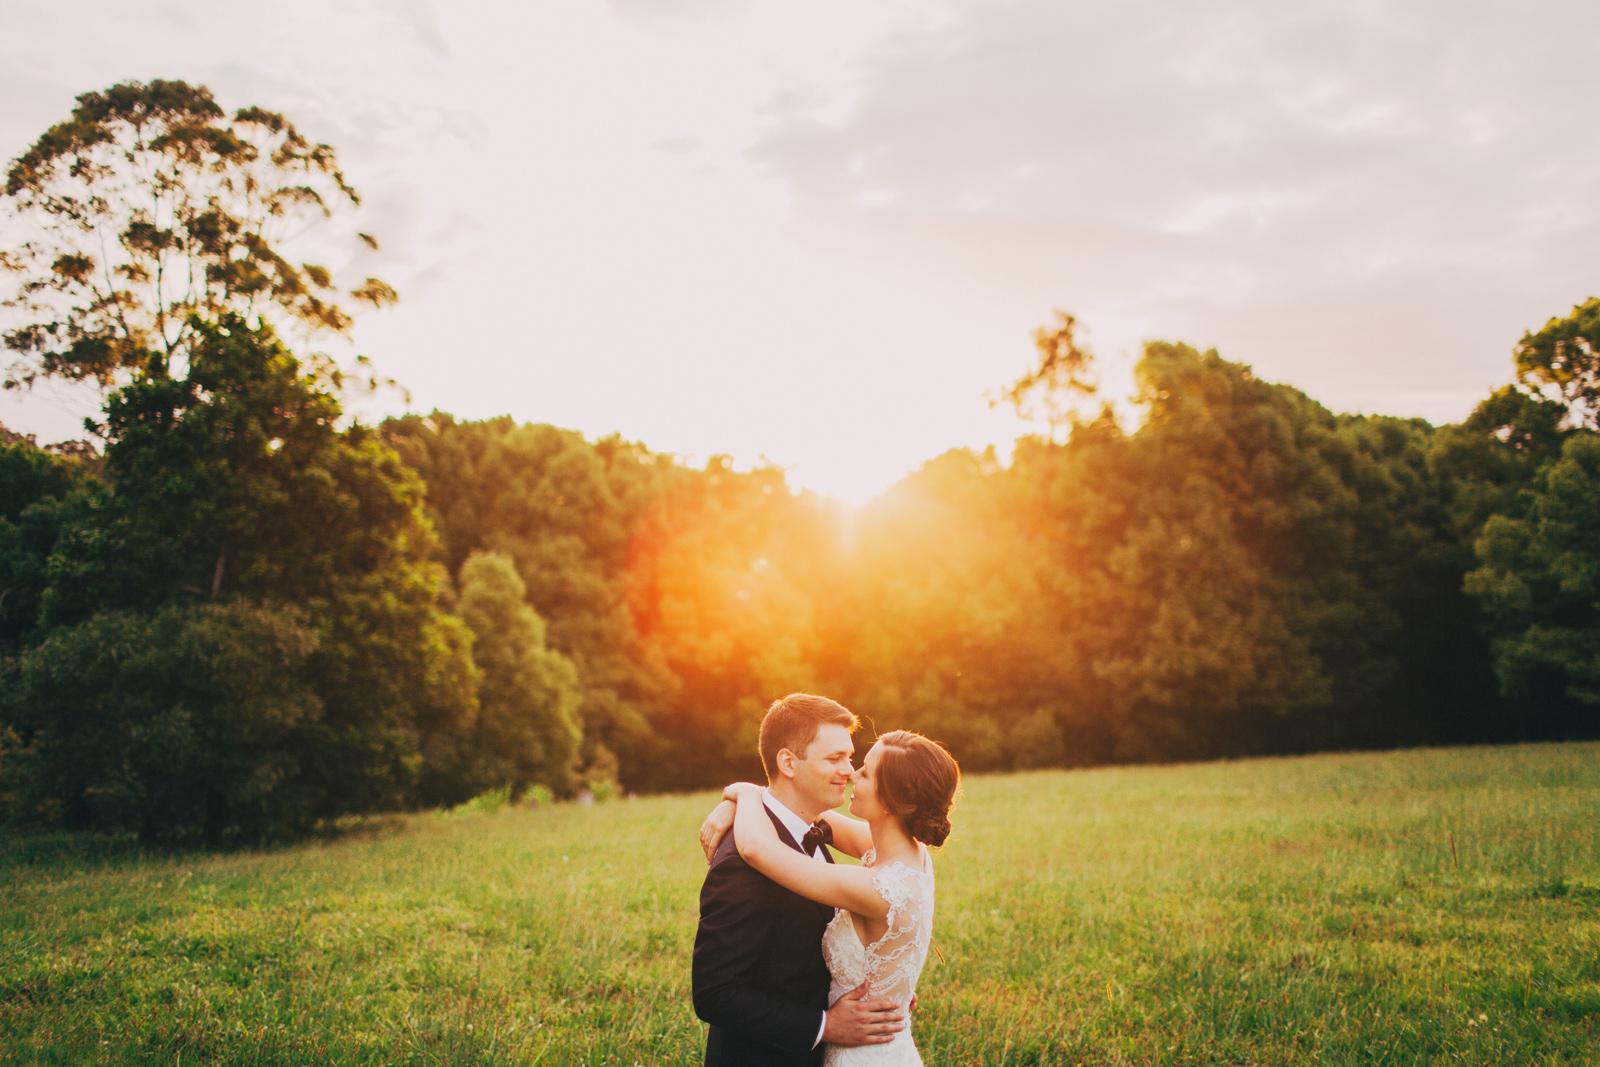 Hilary-&-Darren-Married---0744